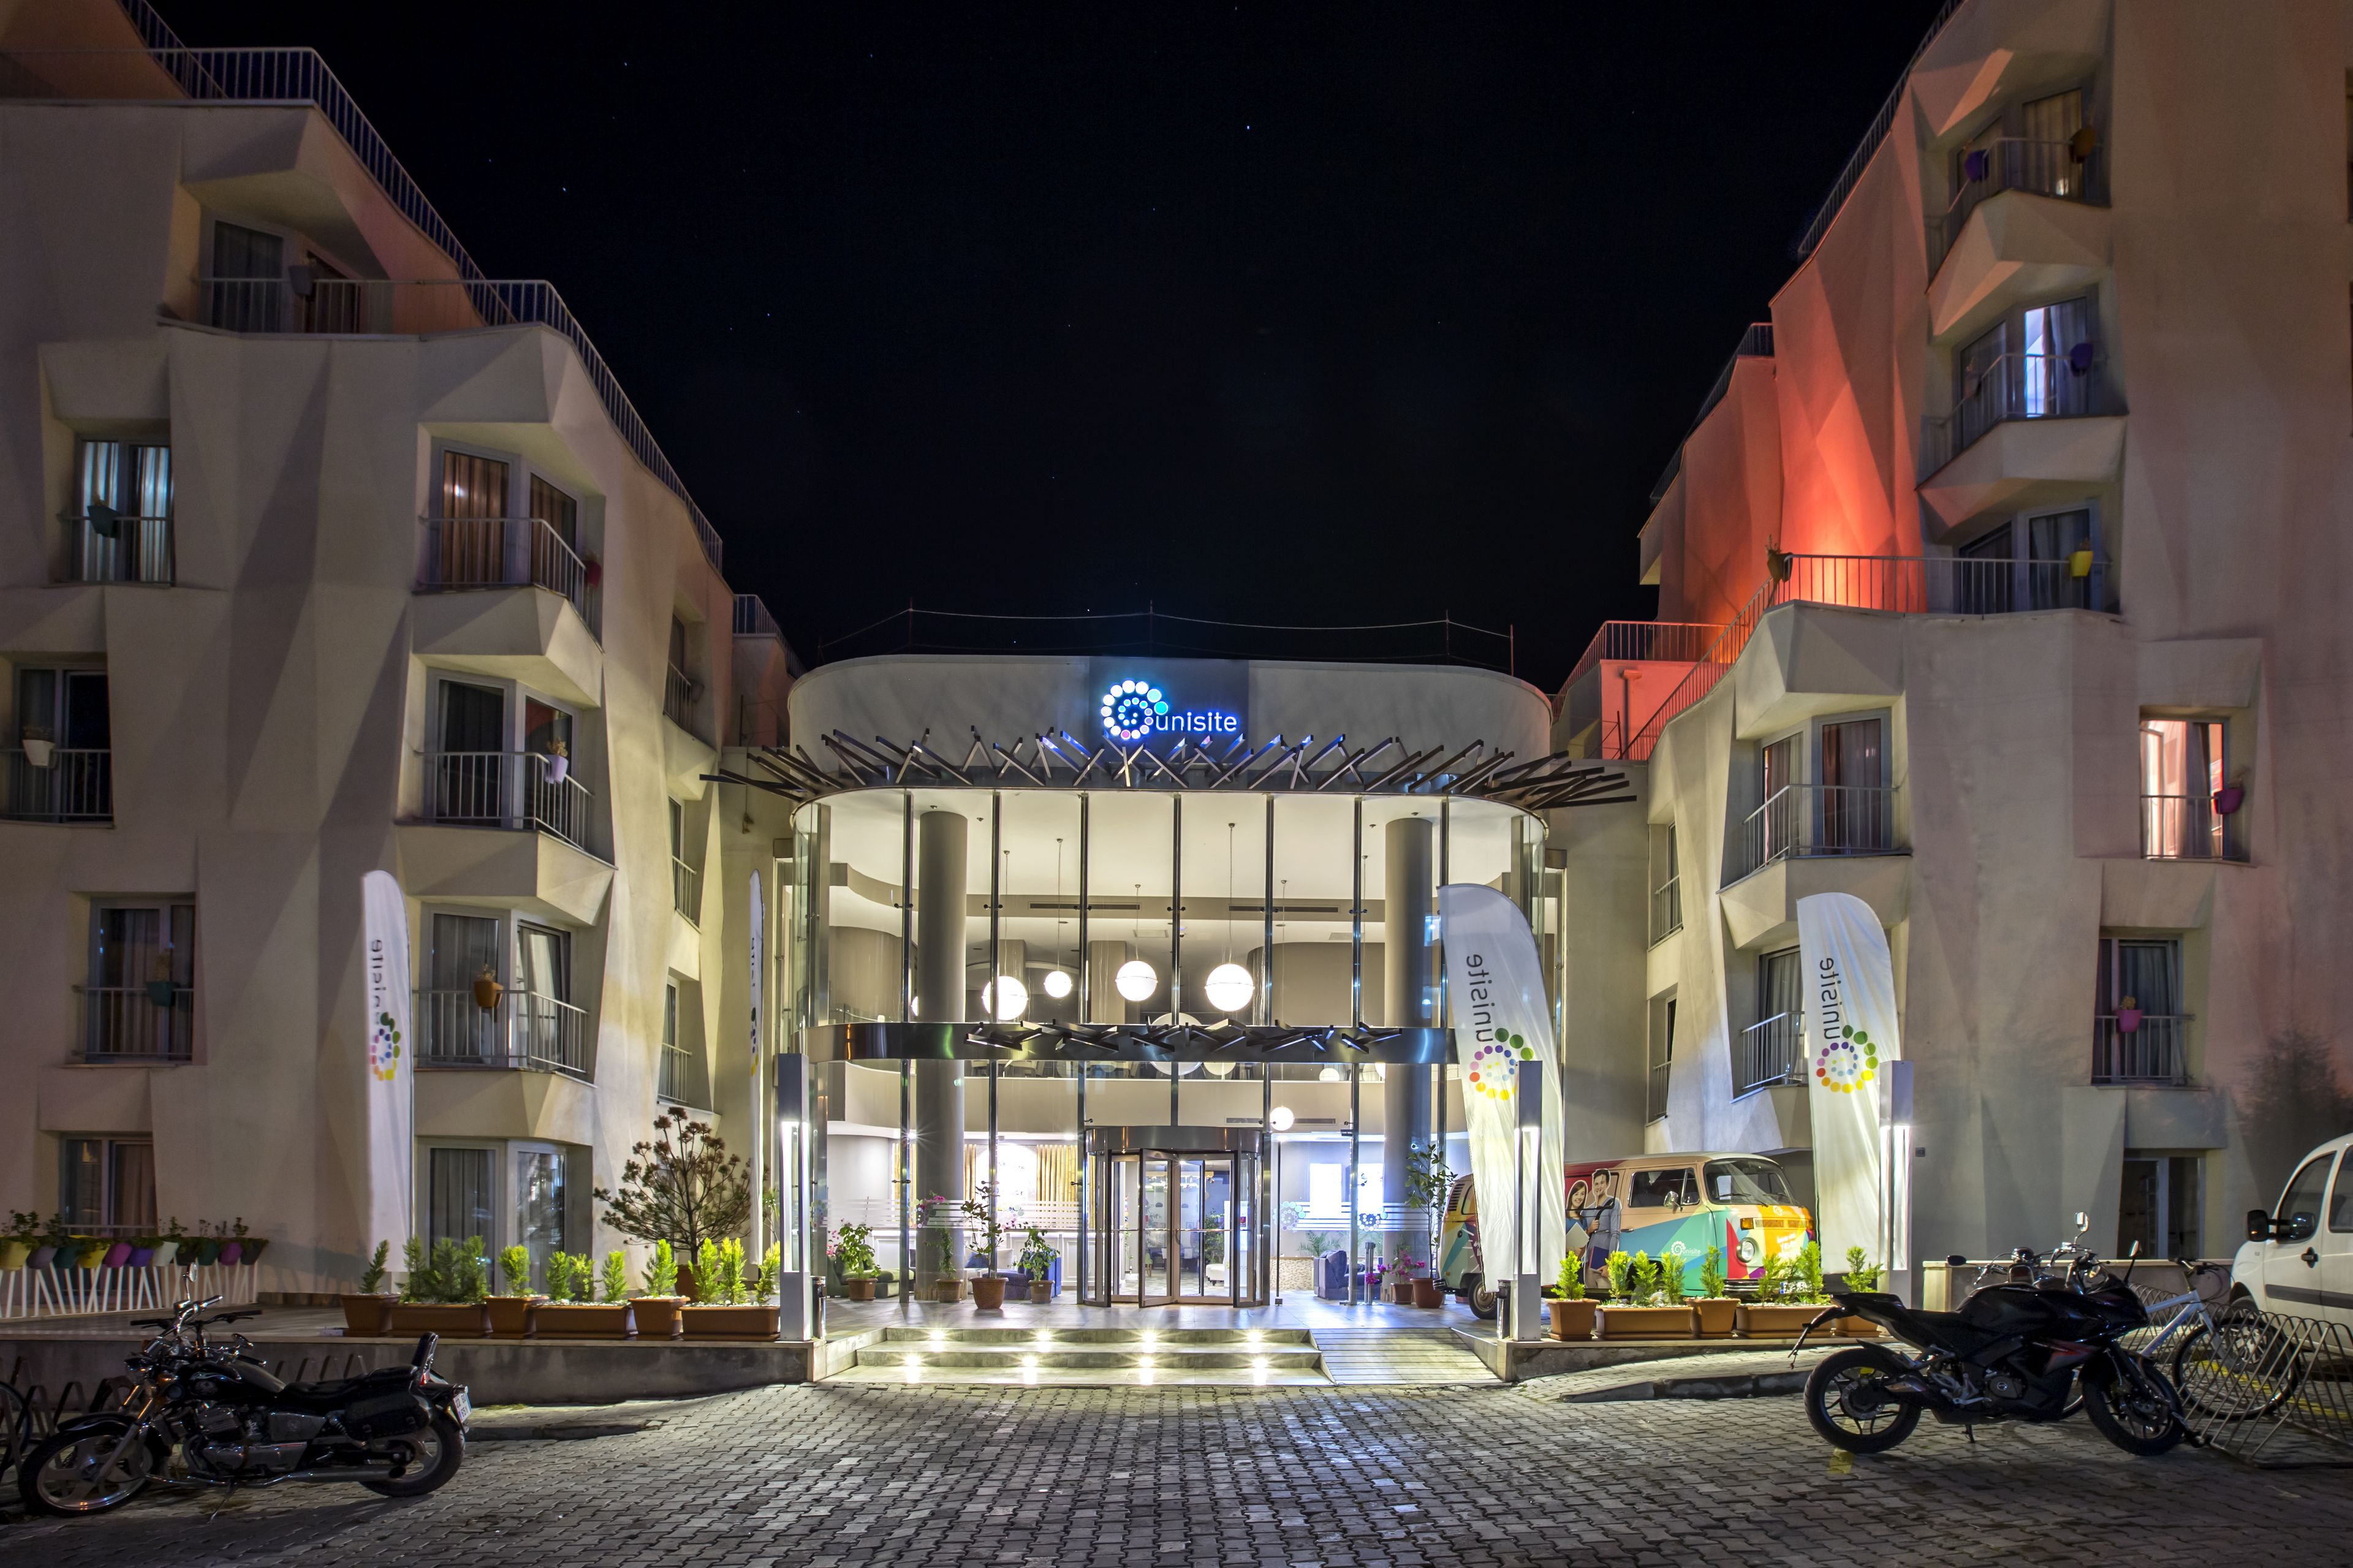 Unisite Apart Otel